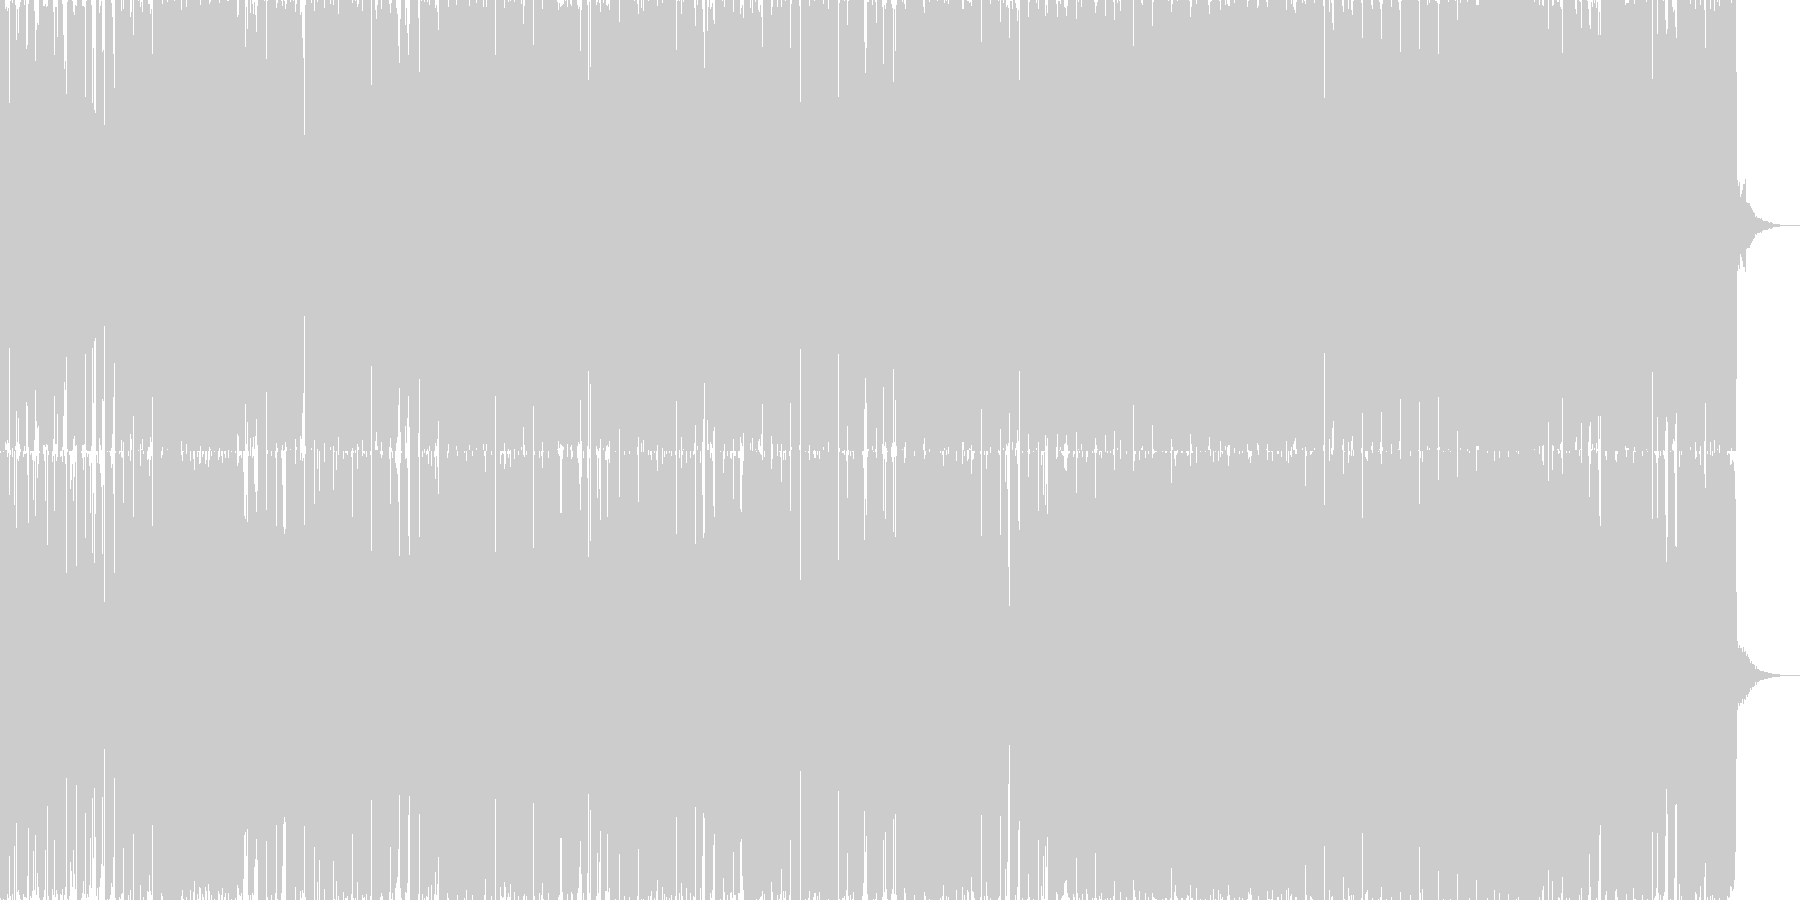 ベートーヴェン第九テクノポップリミックスの未再生の波形